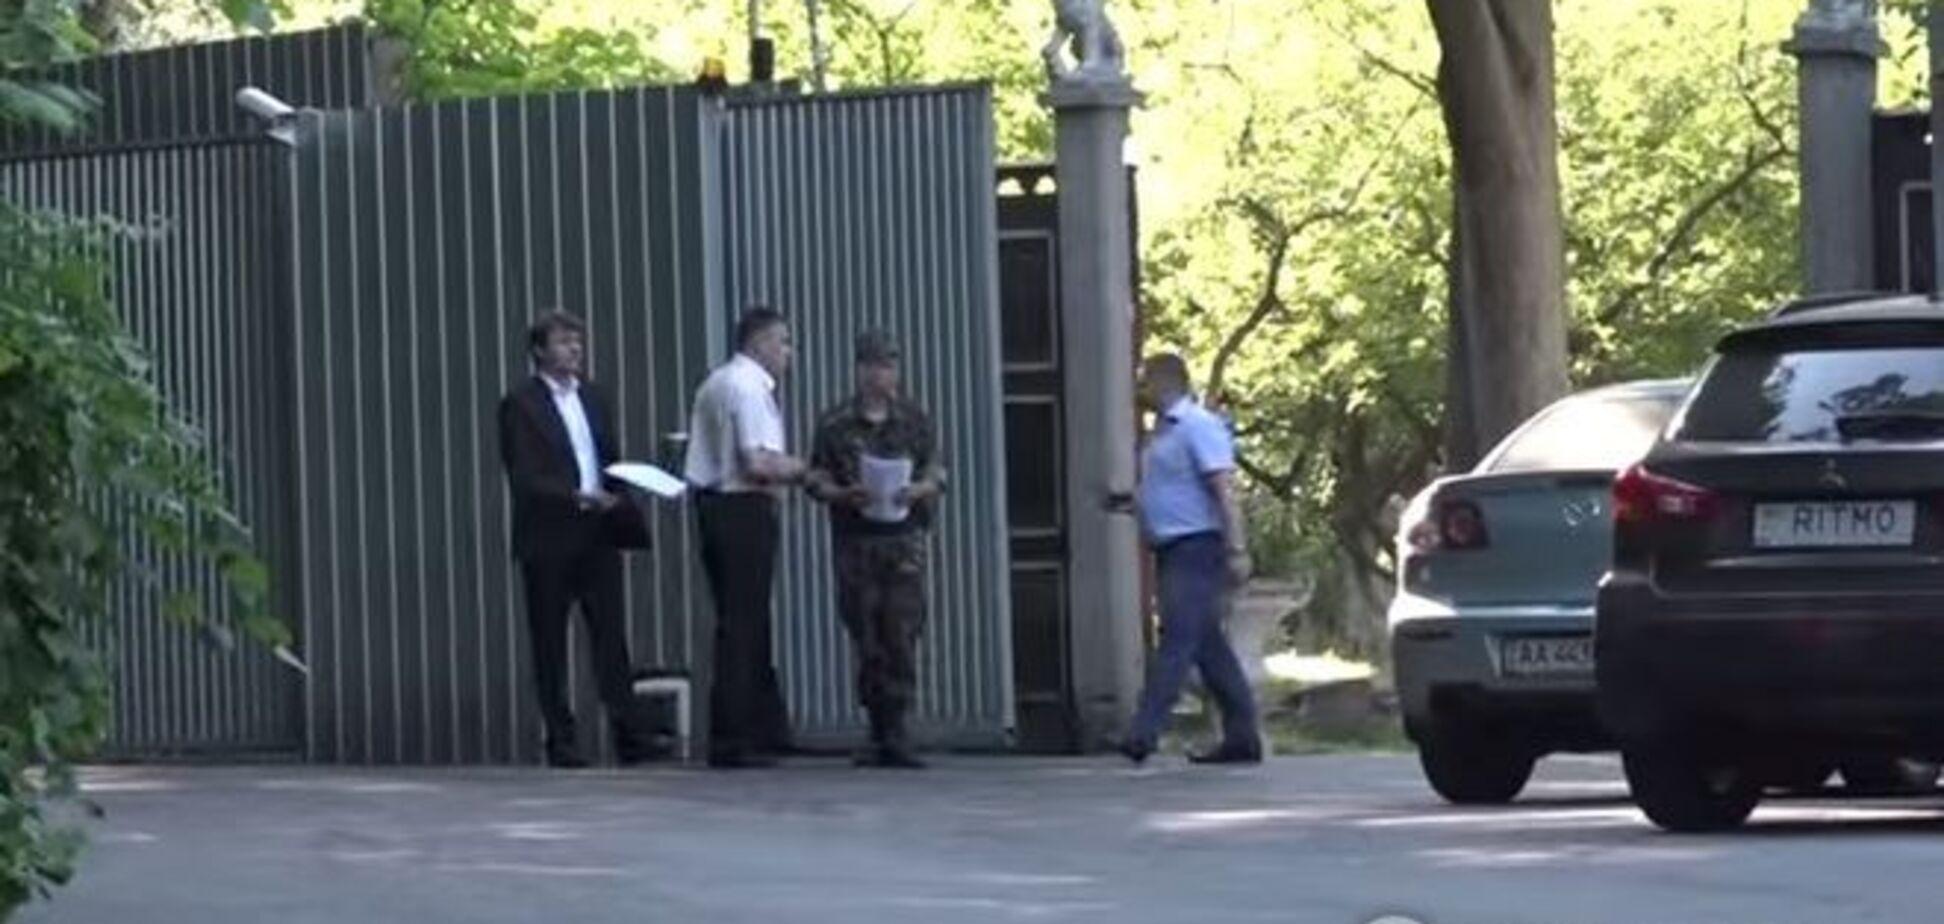 Дипломаты отметили День России в резиденции Зурабова под Киевом. Видеофакт